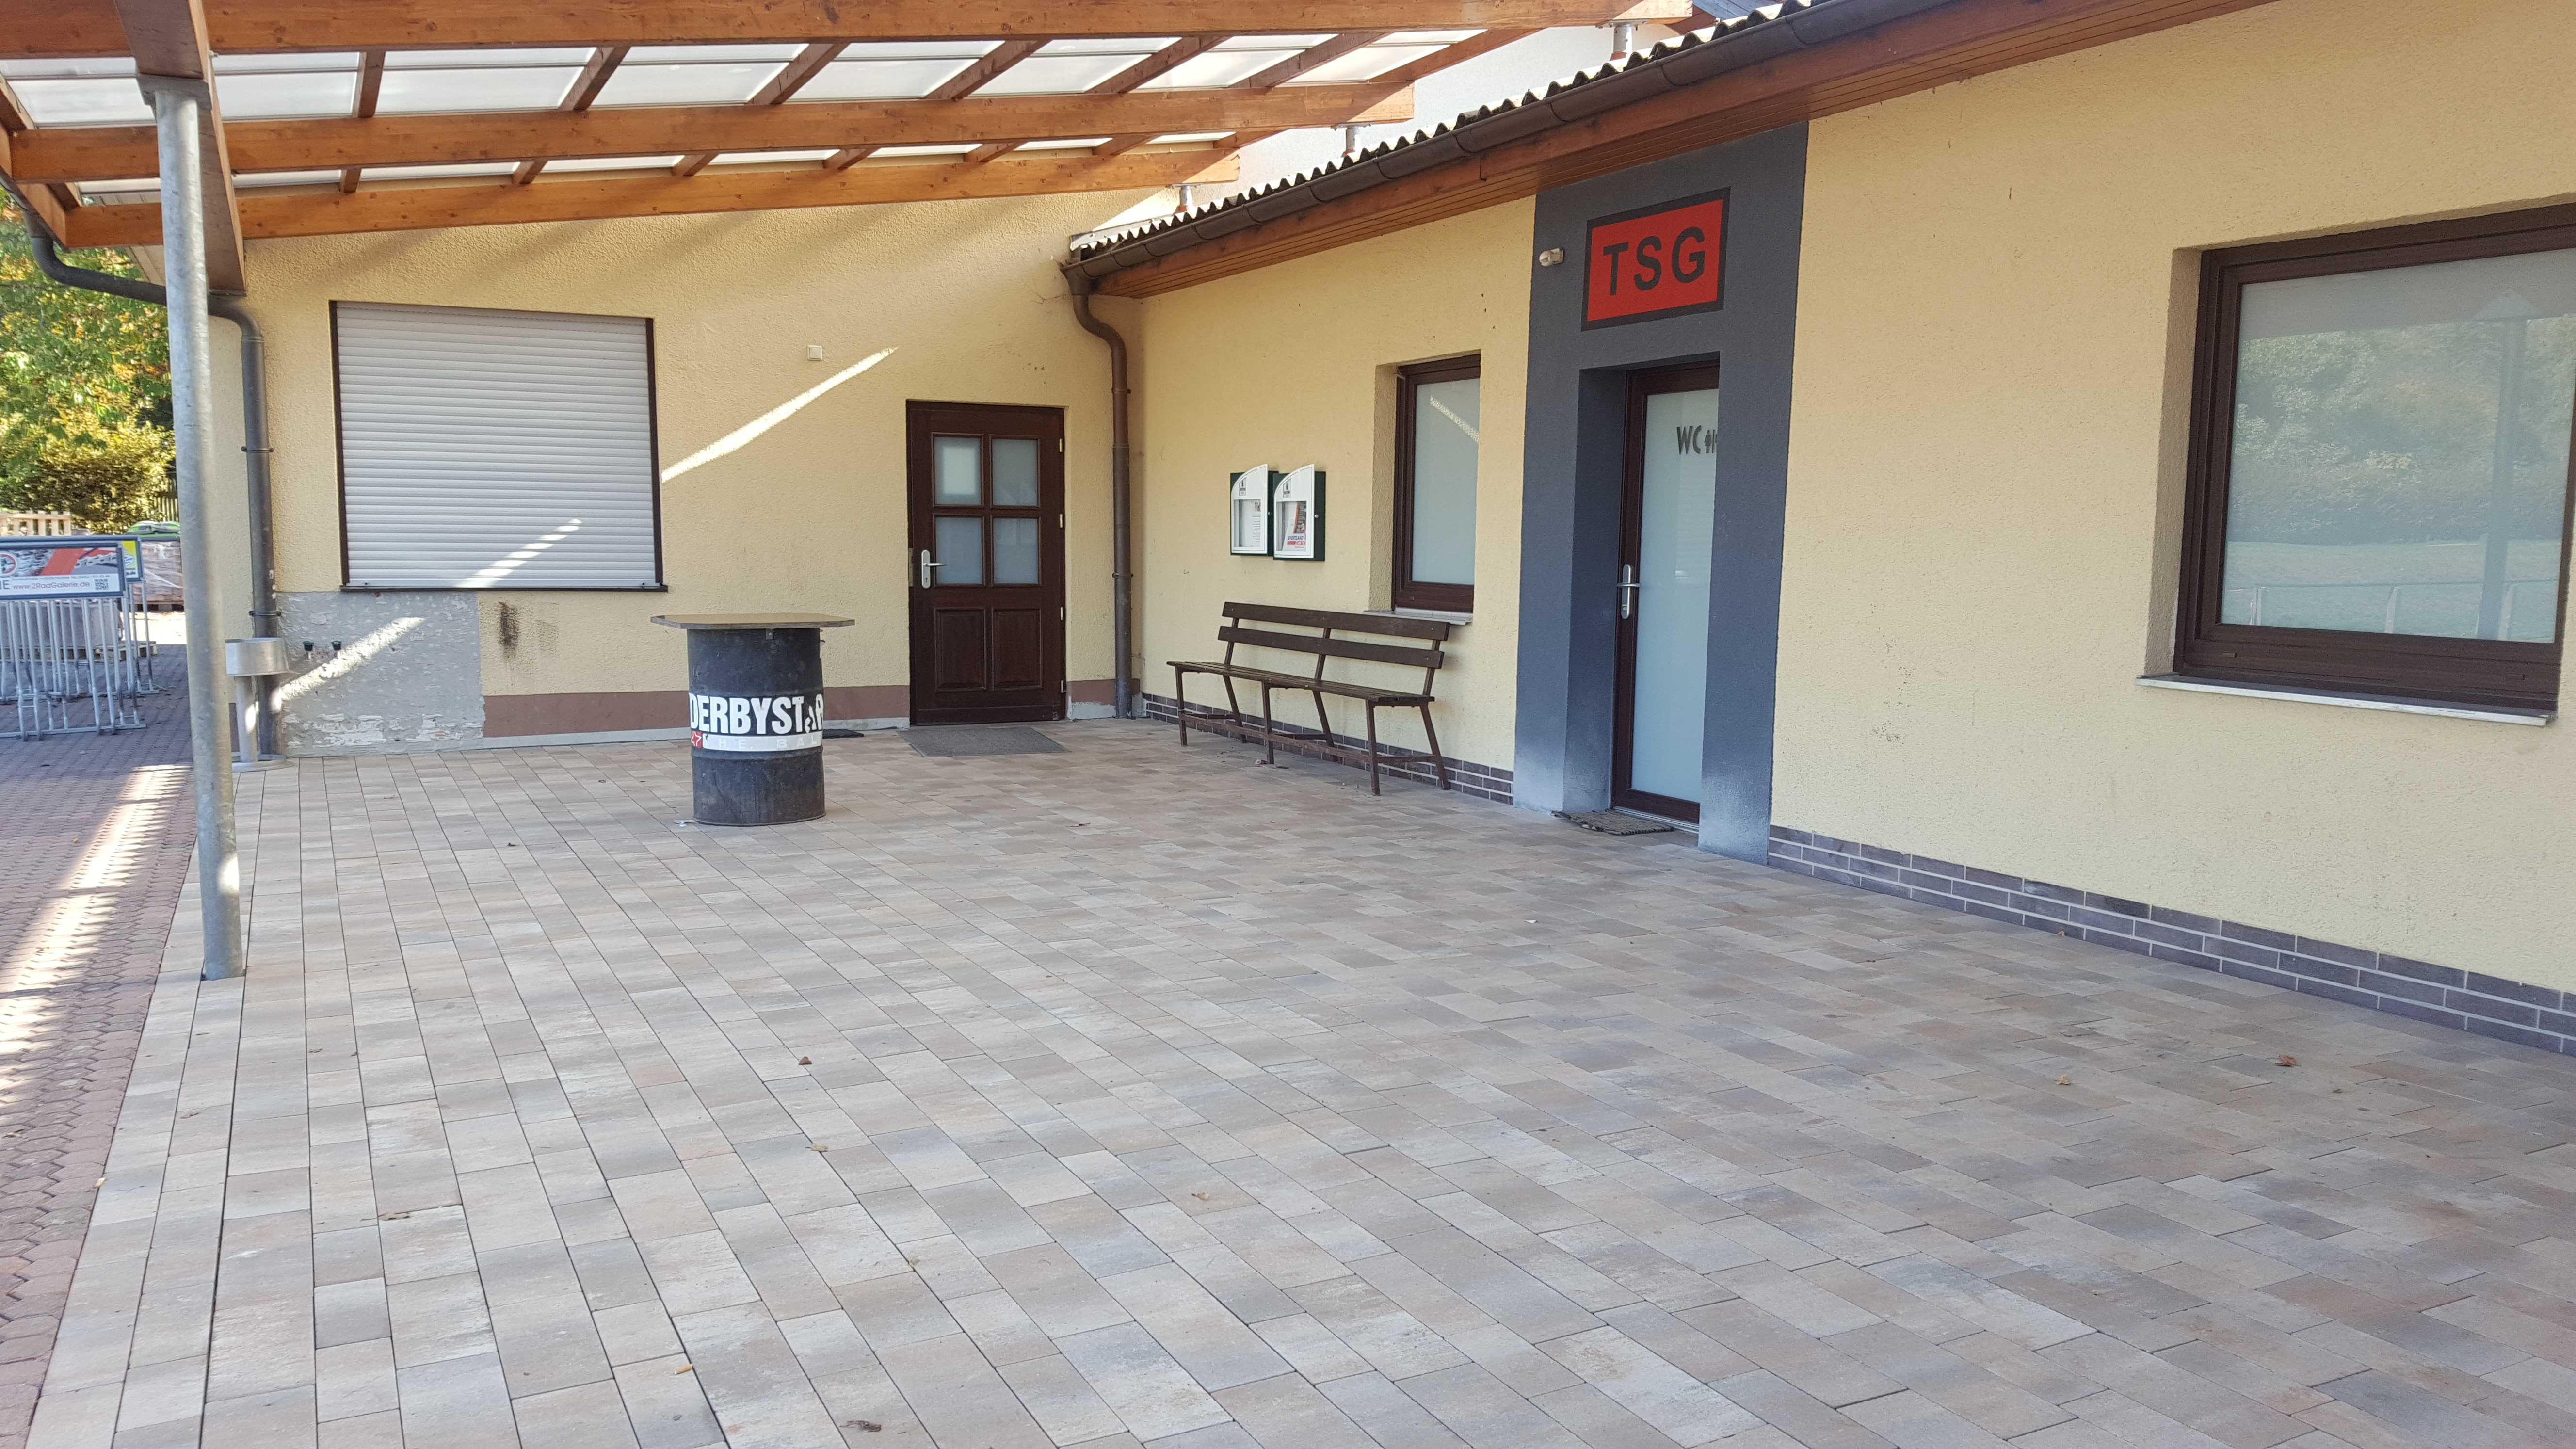 Energetische Sanierung und Barrierefreier Zugang am Sportlerheim fertig gestellt